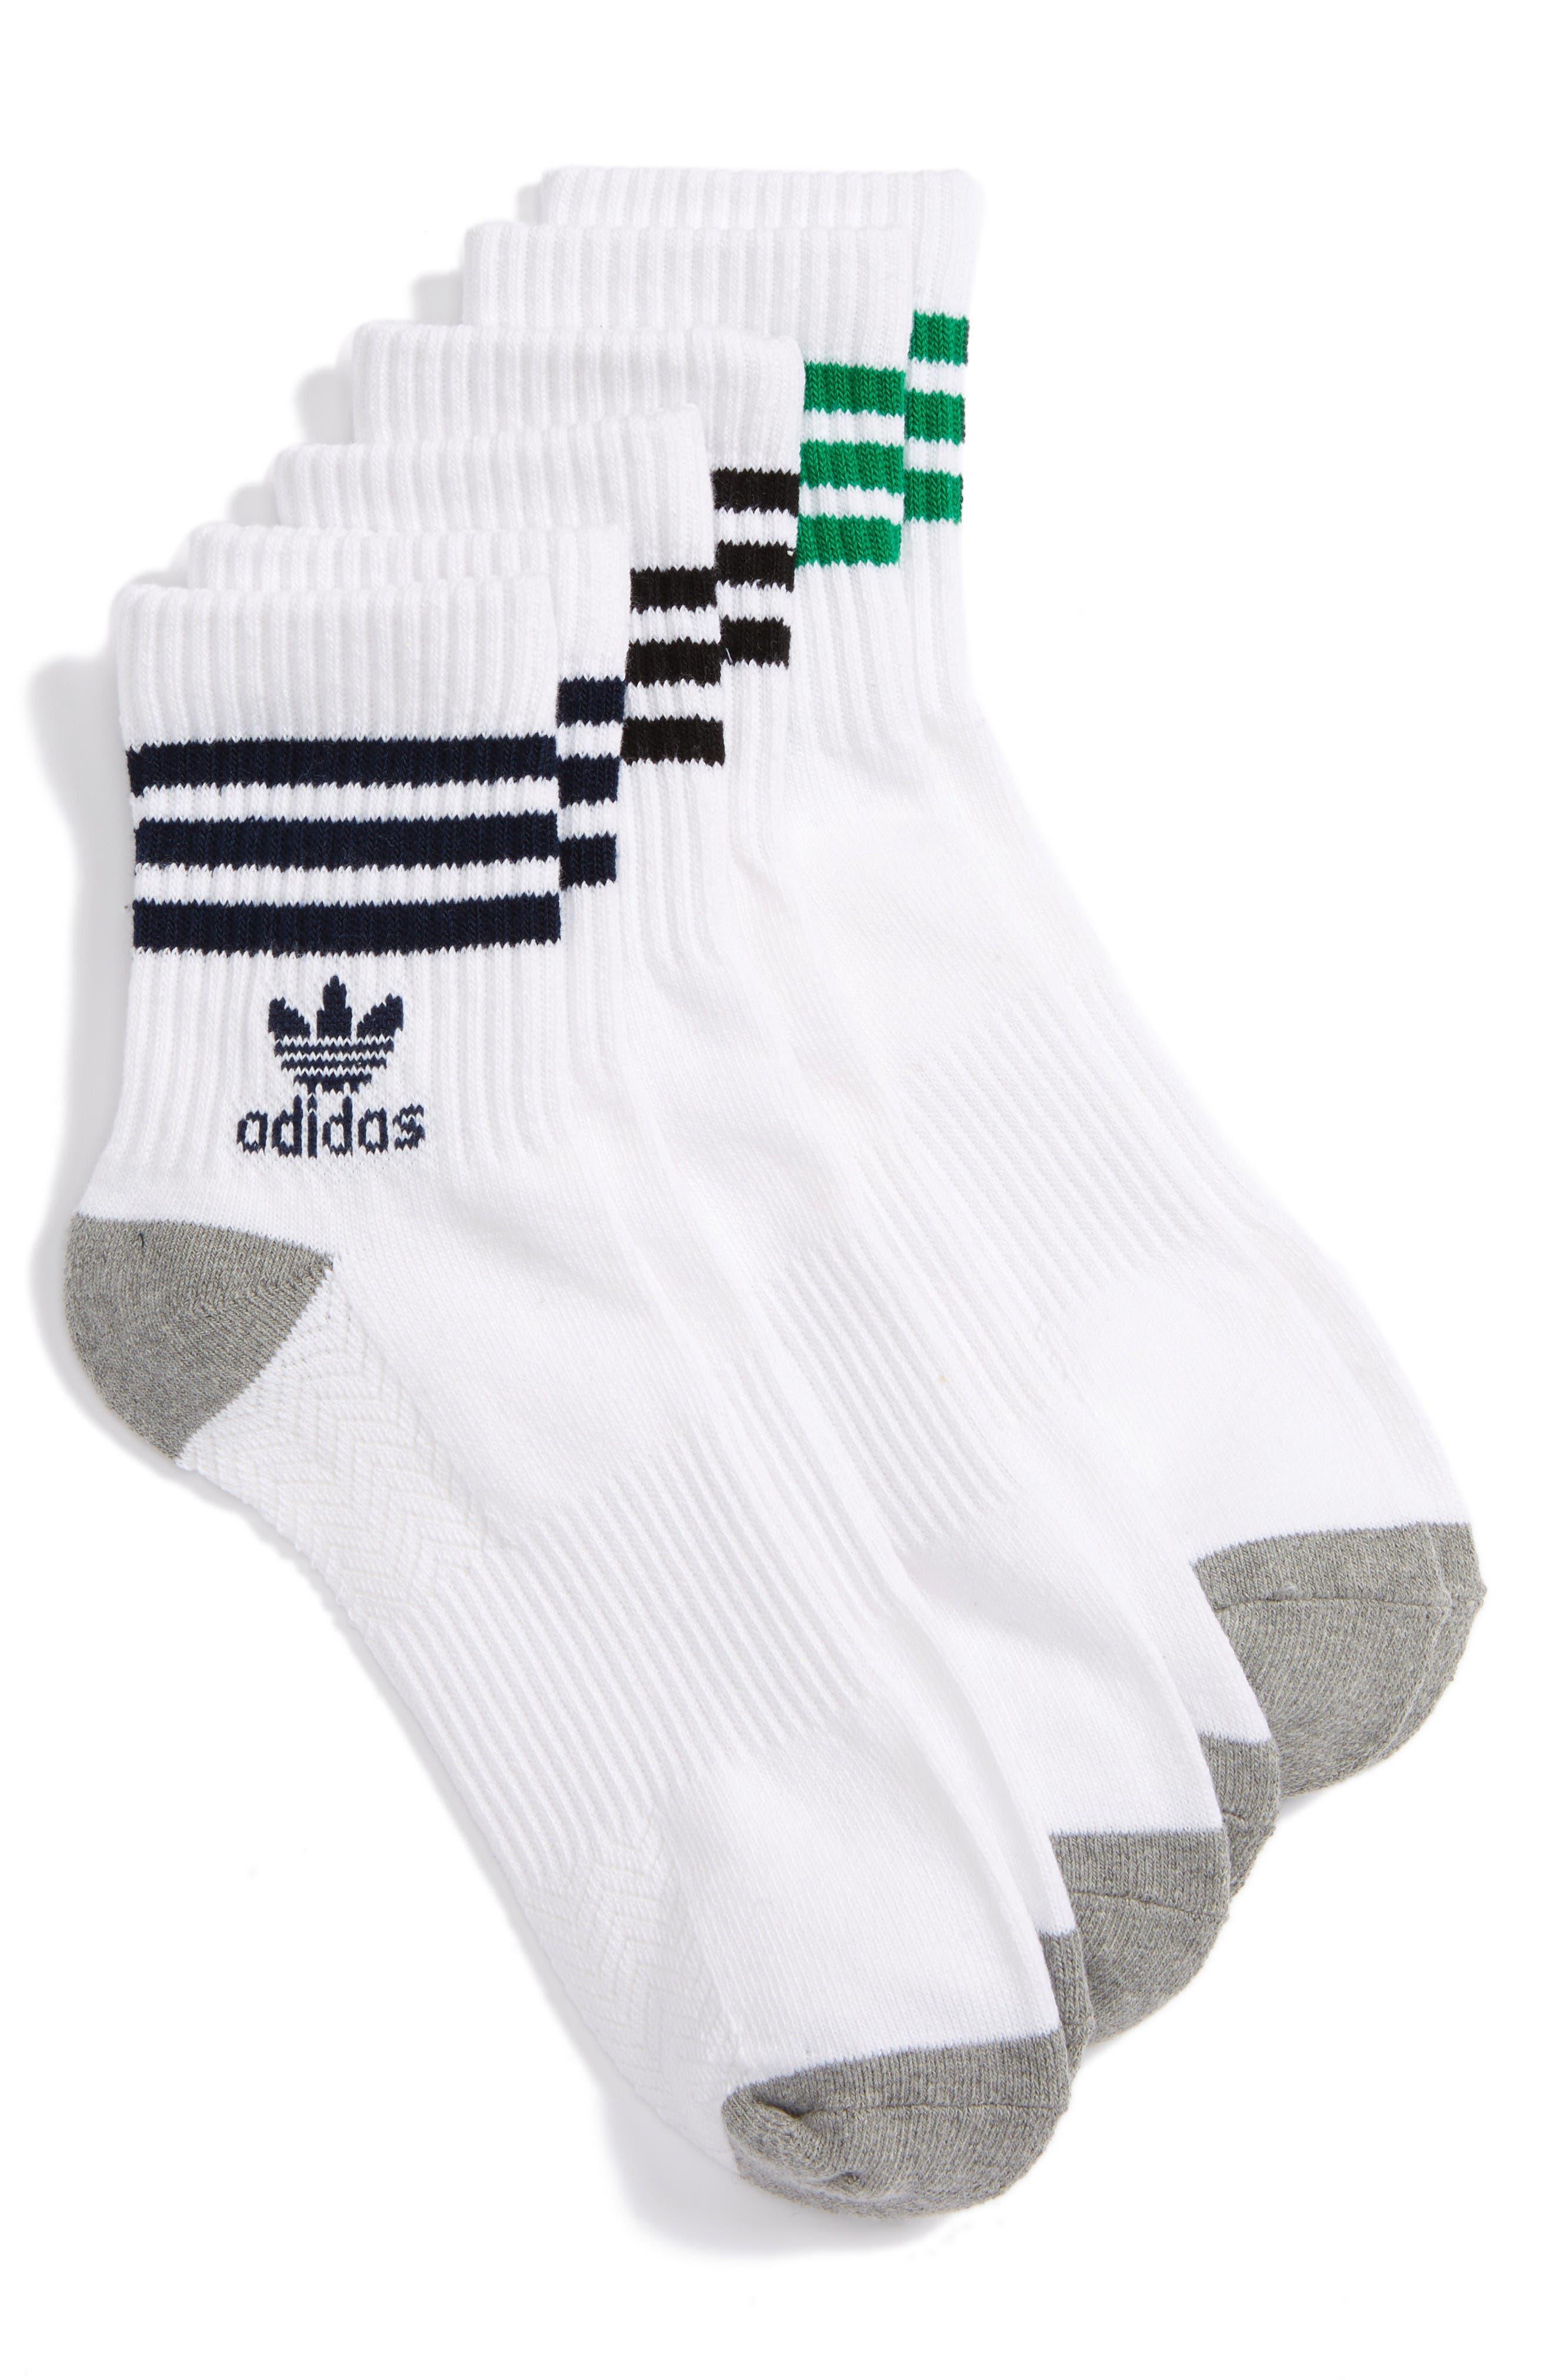 Main Image - adidas Originals 3-Pack Quarter Crew Socks